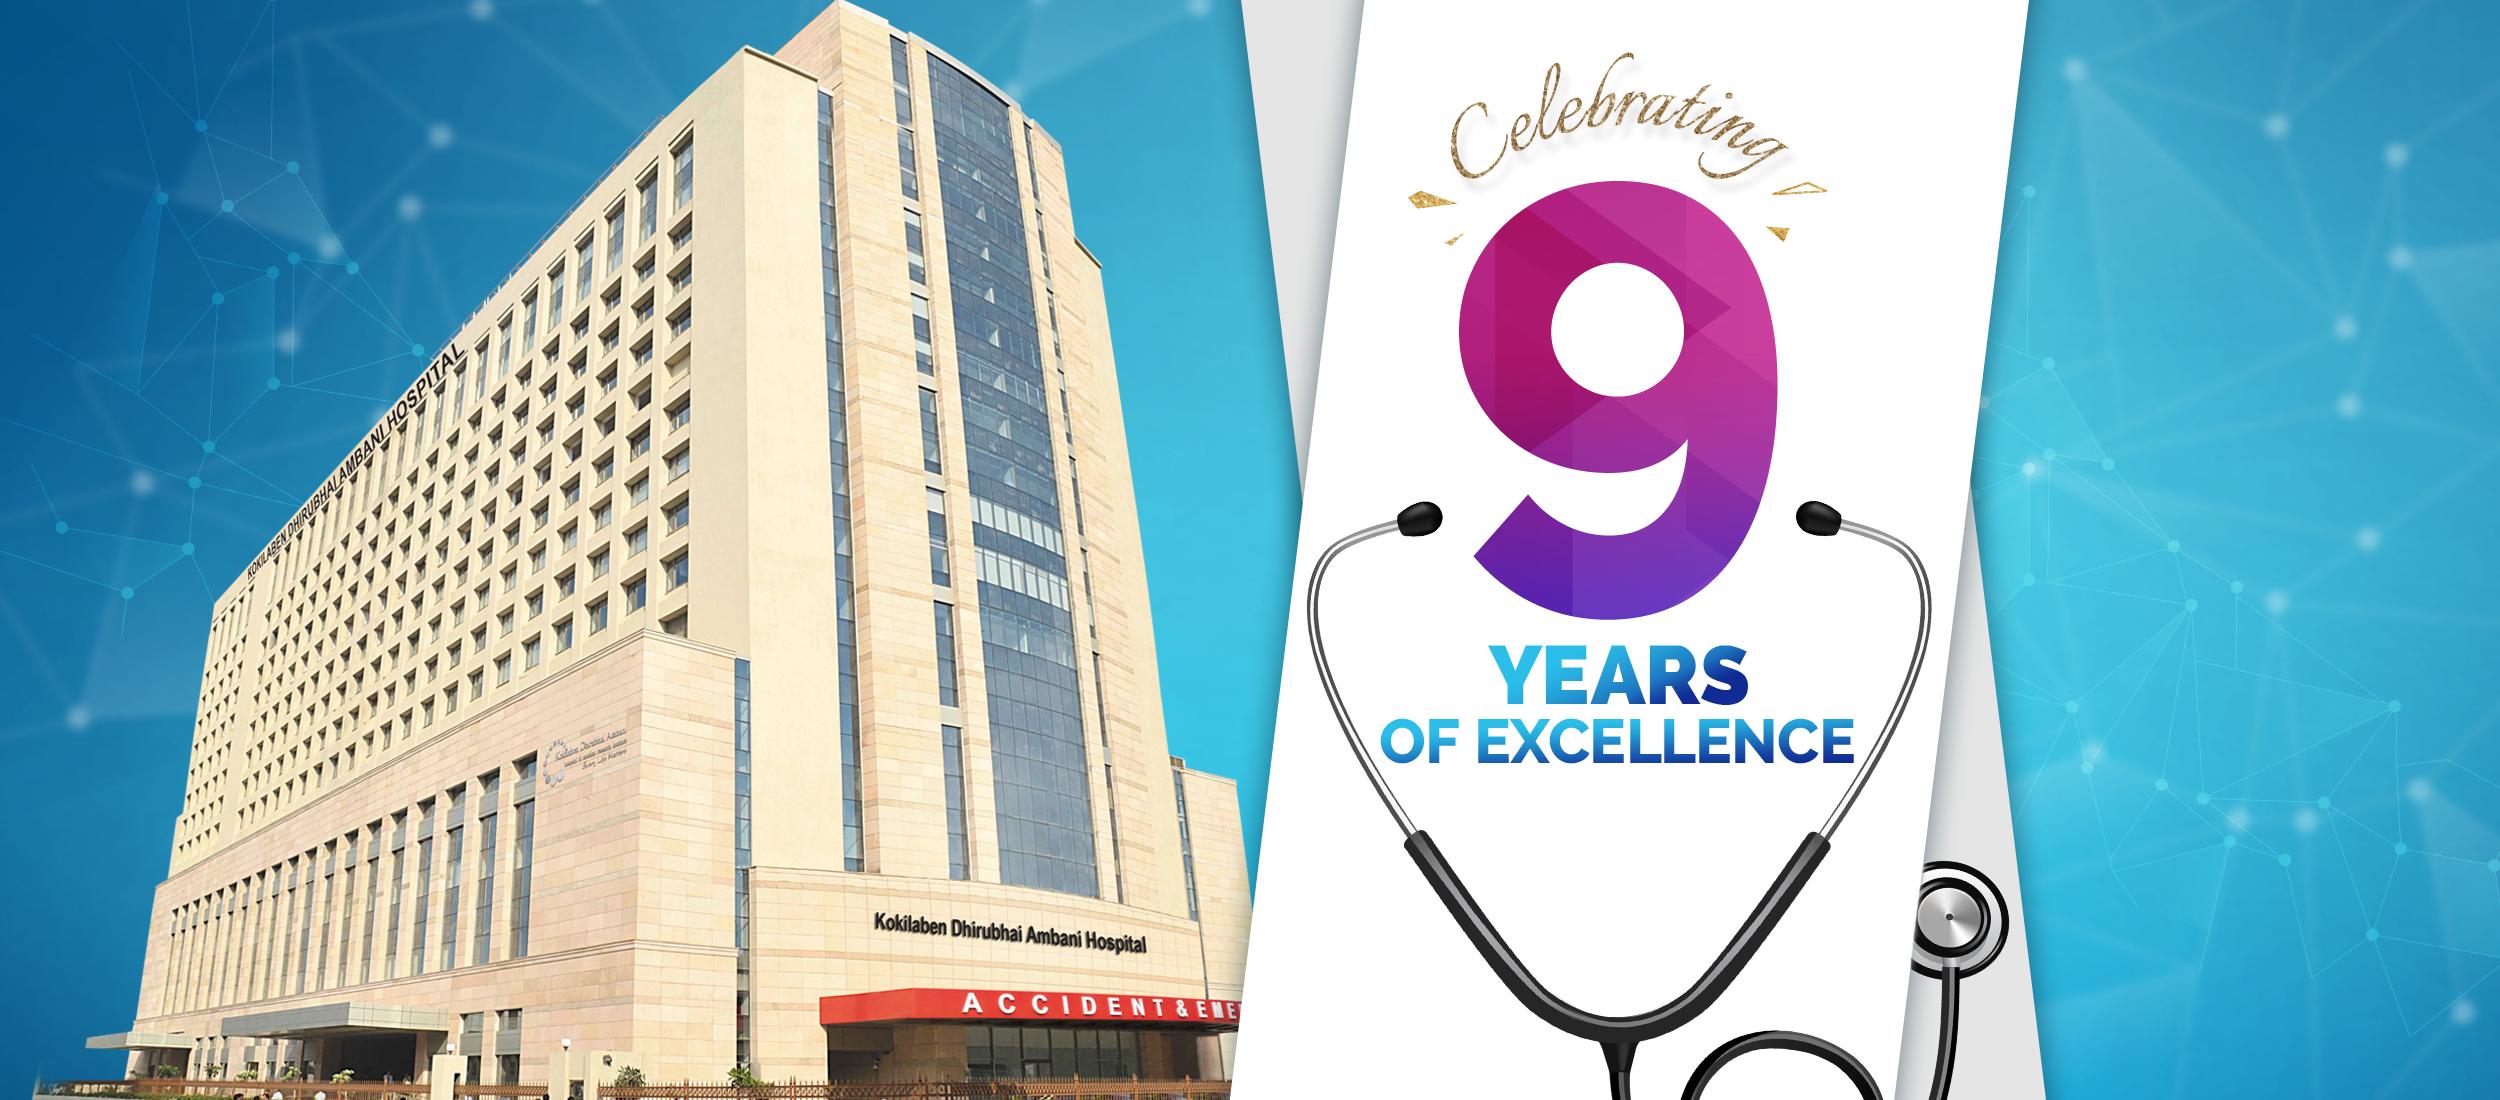 Kokilaben Dhirubhai Ambani Hospital - Celebrating 9 Years of Excellence